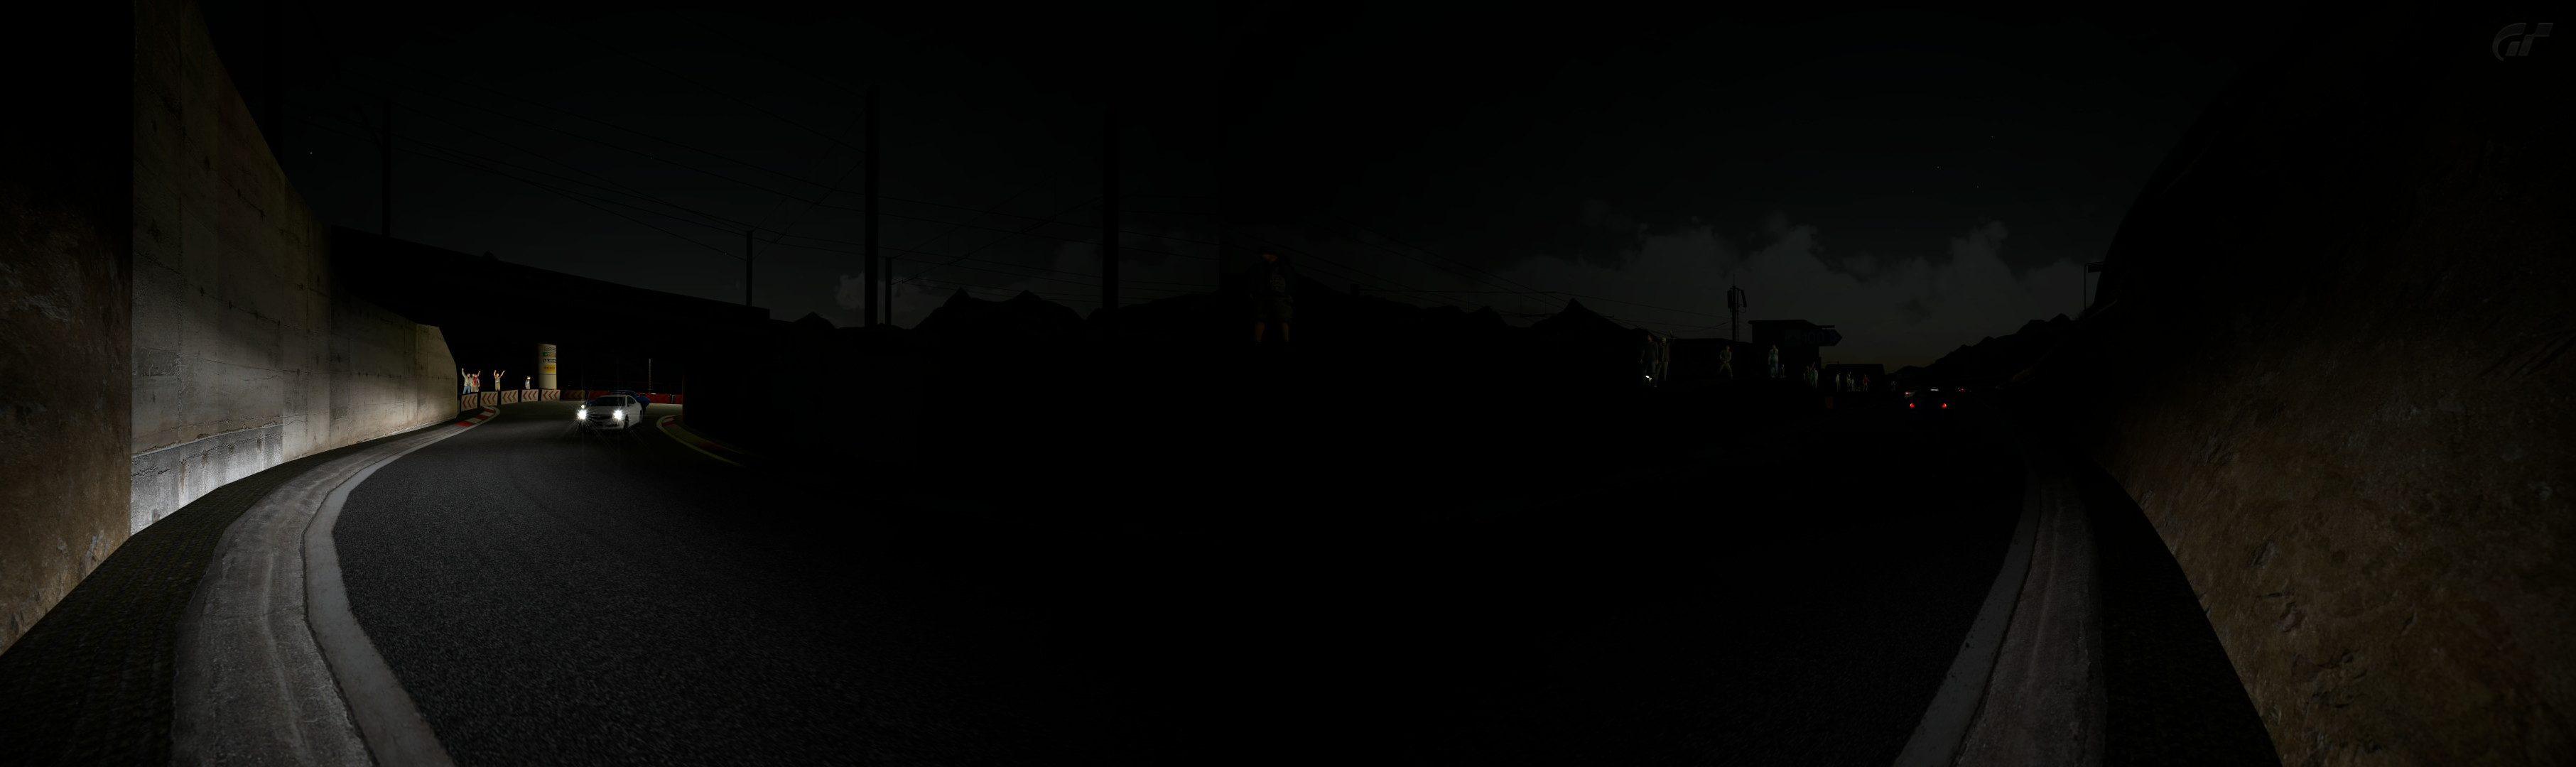 Matterhorn panorama.jpg